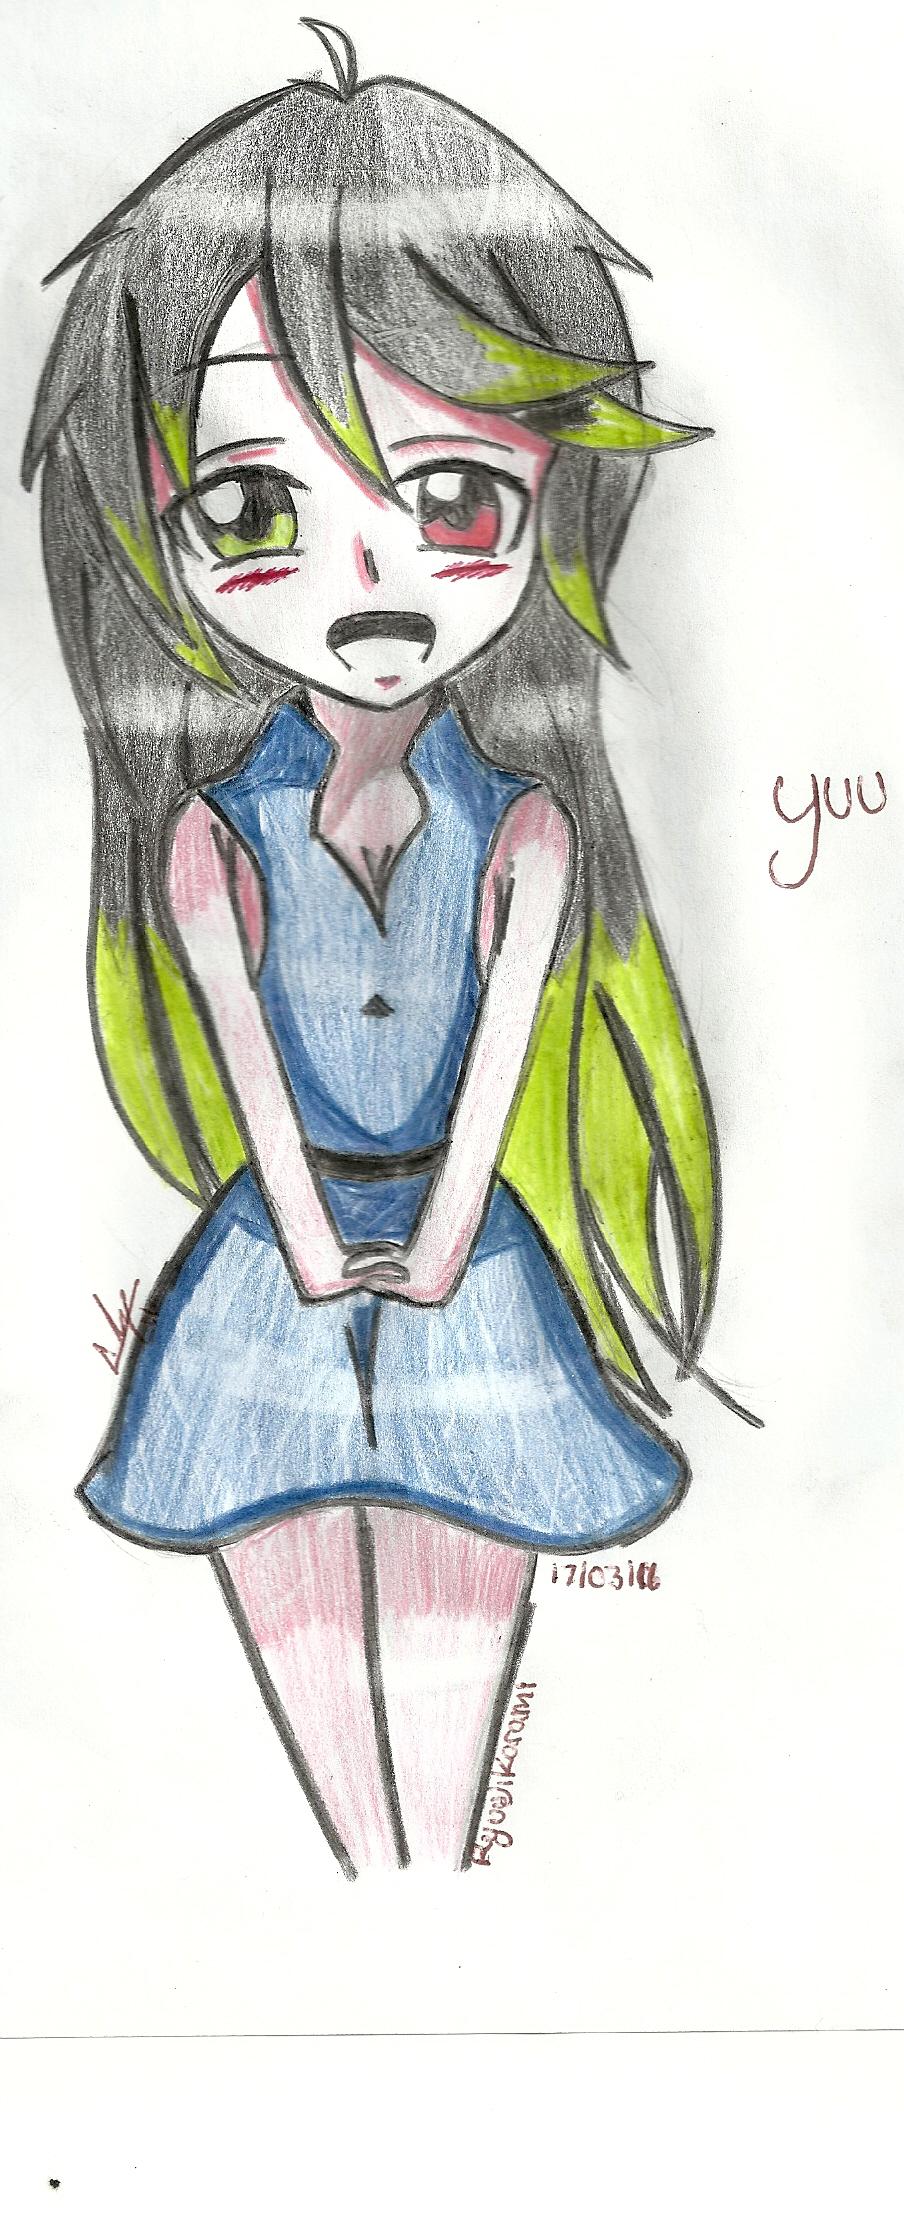 Yuu (genderbender) by RyuujiKarami